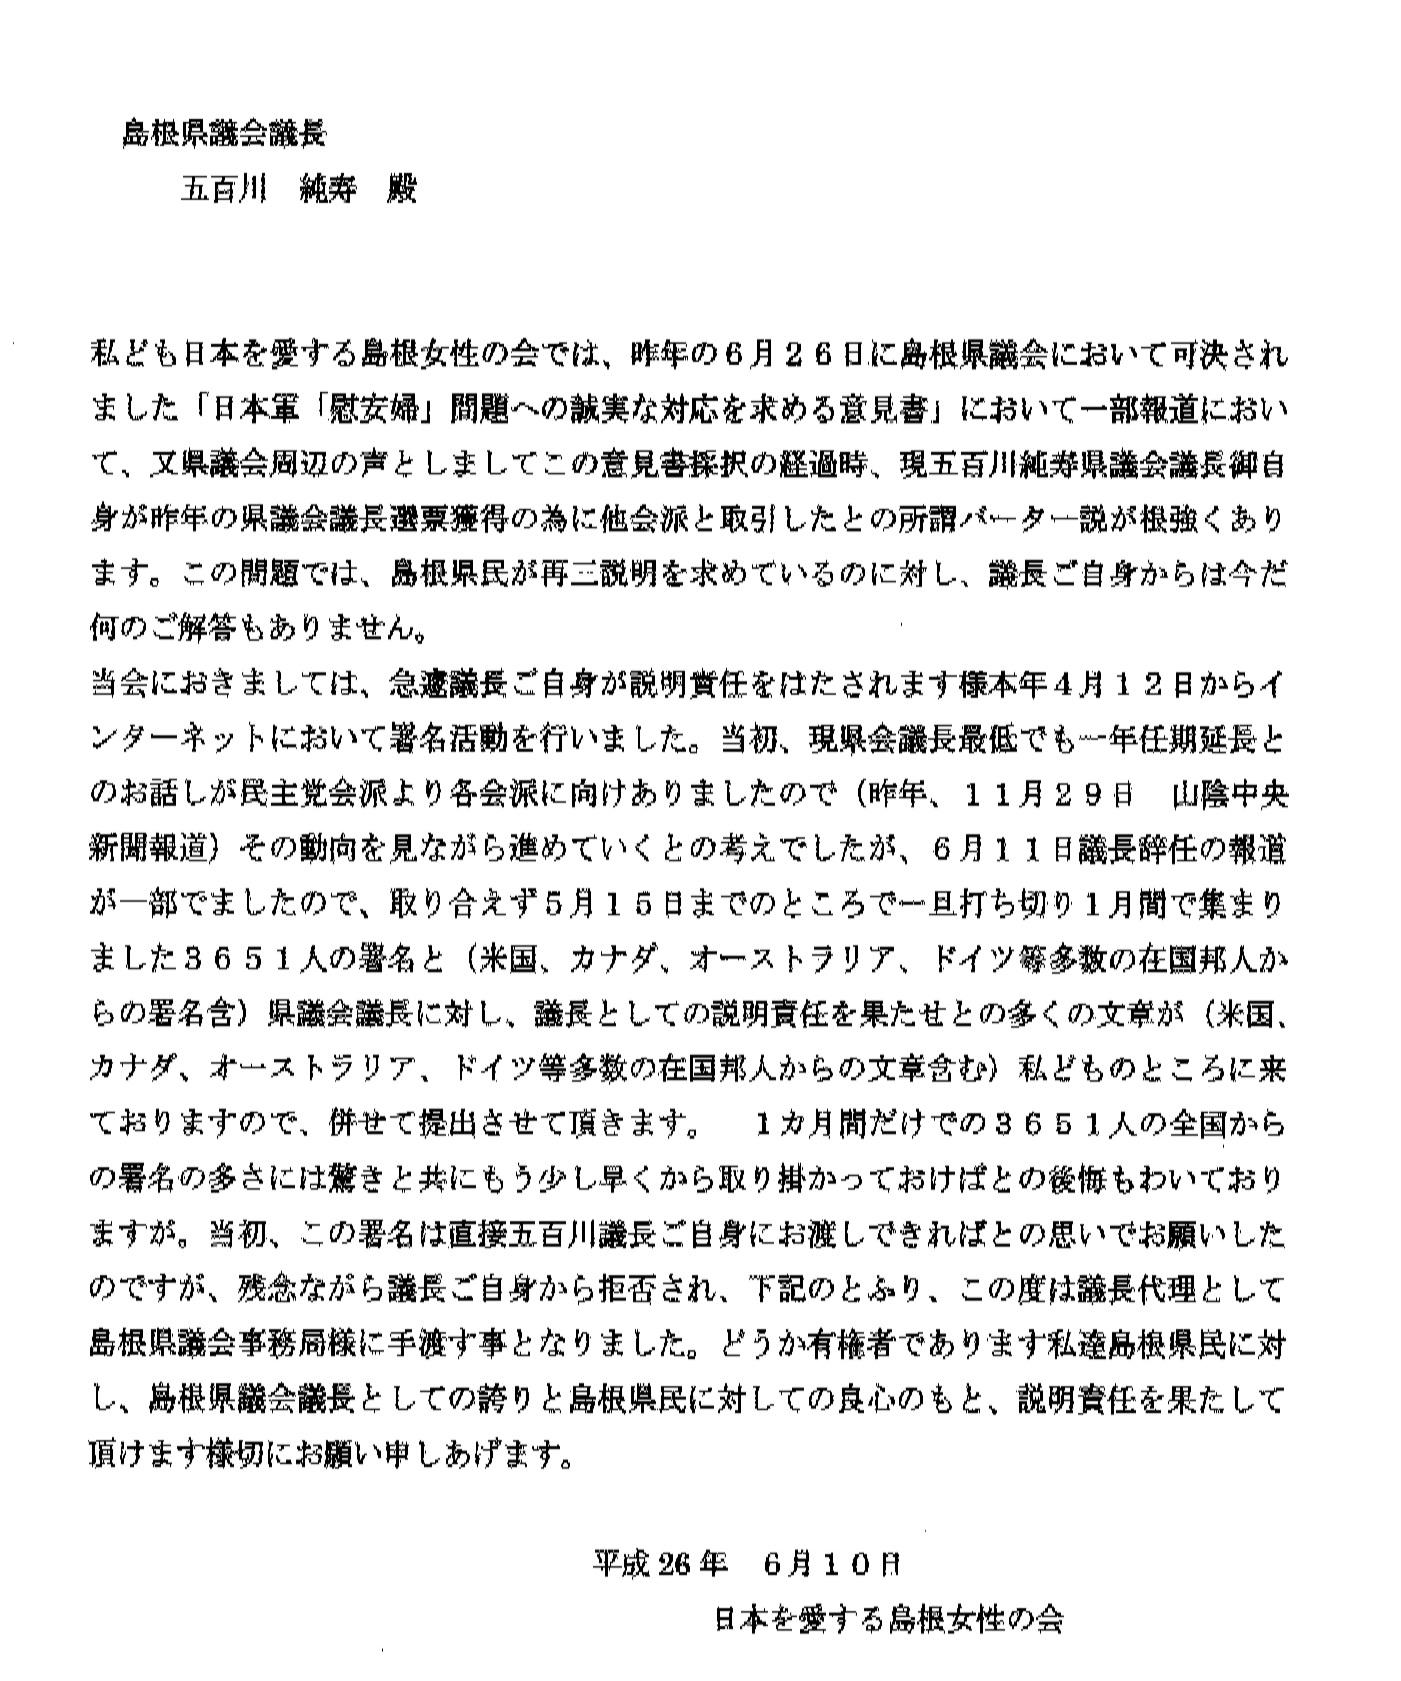 kougibun01_1